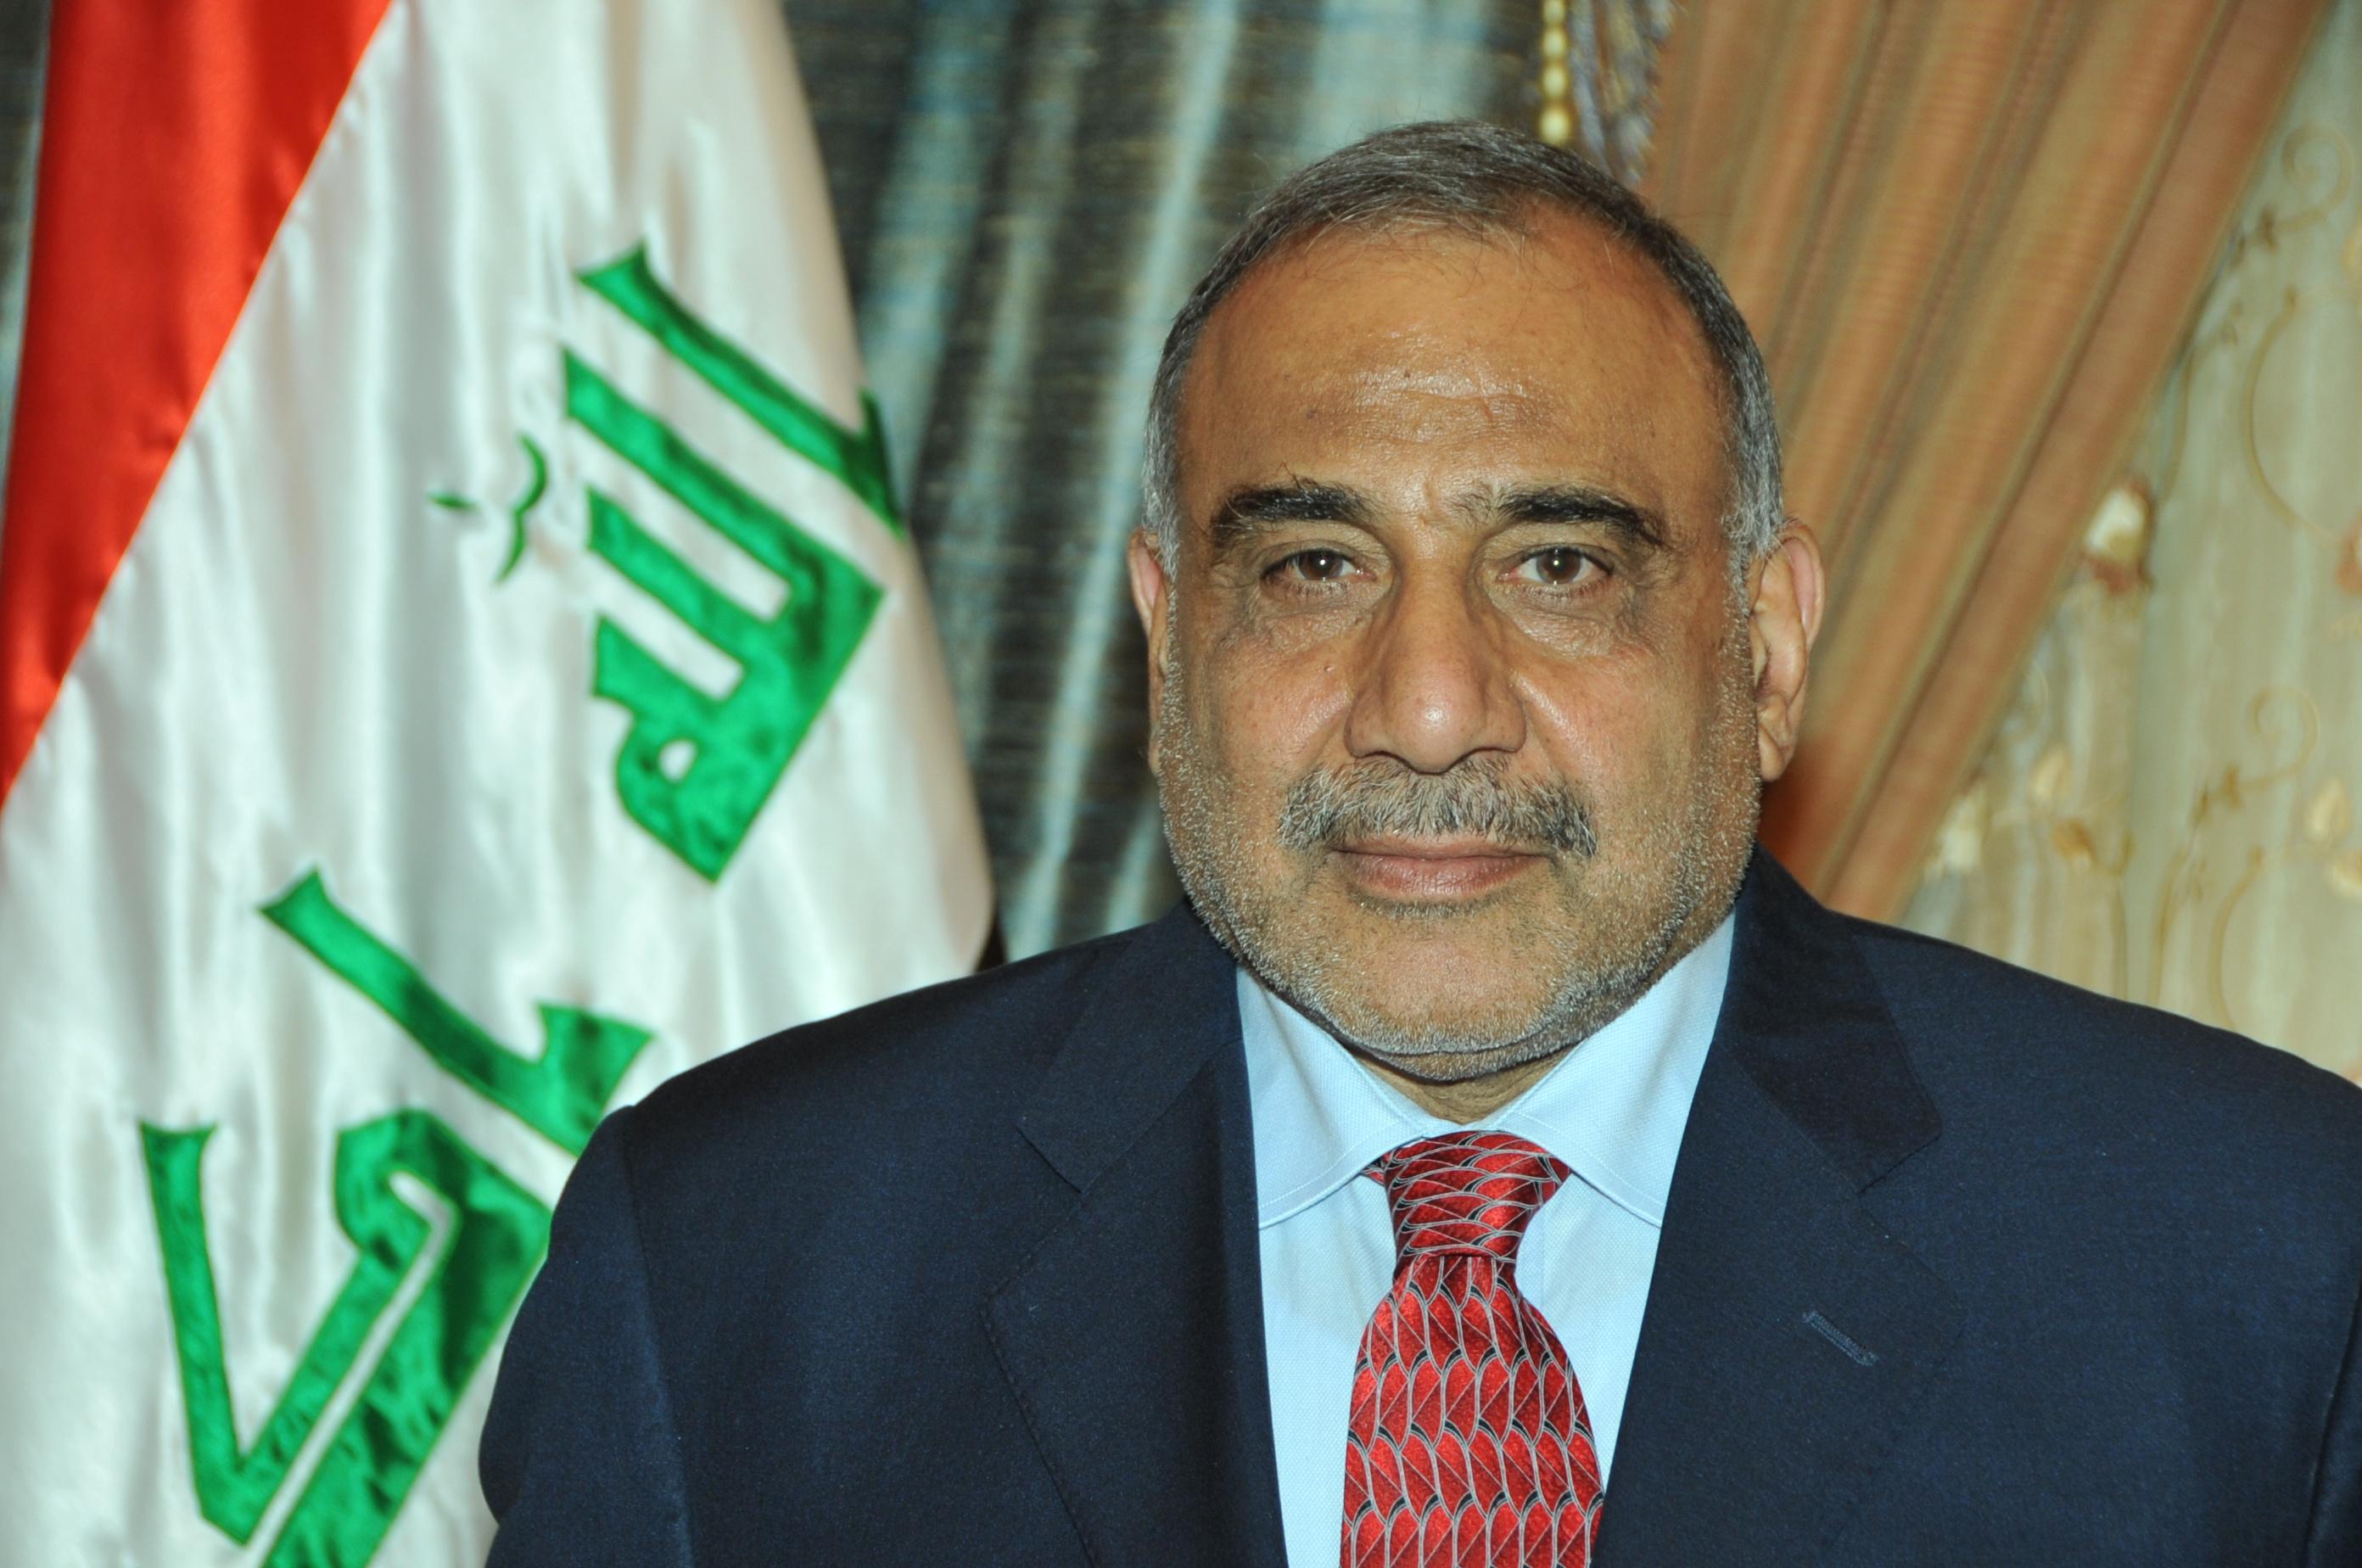 رئيس الوزراء العراقي يبحث مع وزيرة الدفاع الألمانية العديد من القضايا